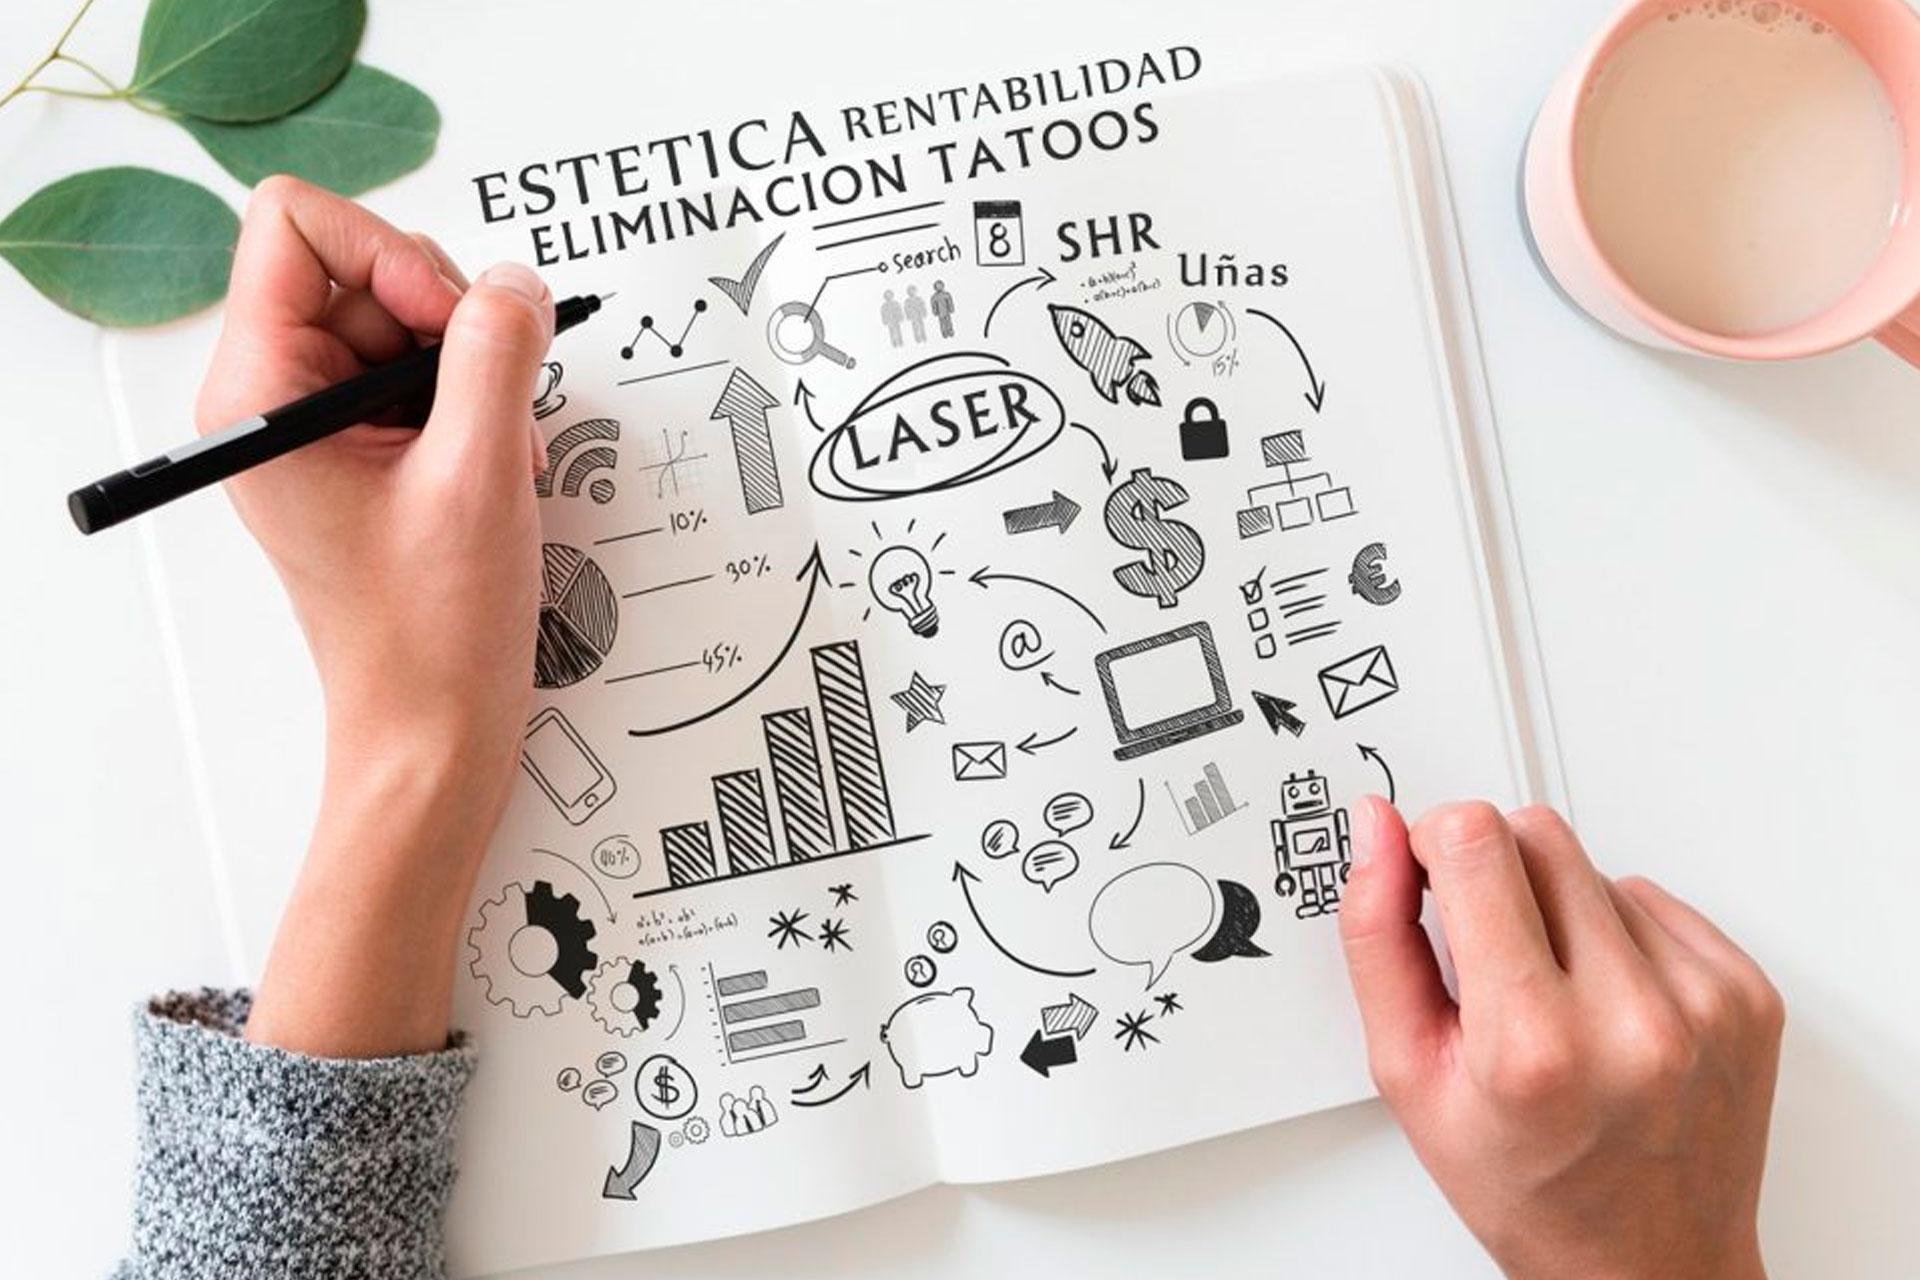 dermoestetica-franquicia-referente-estetica-avanzada